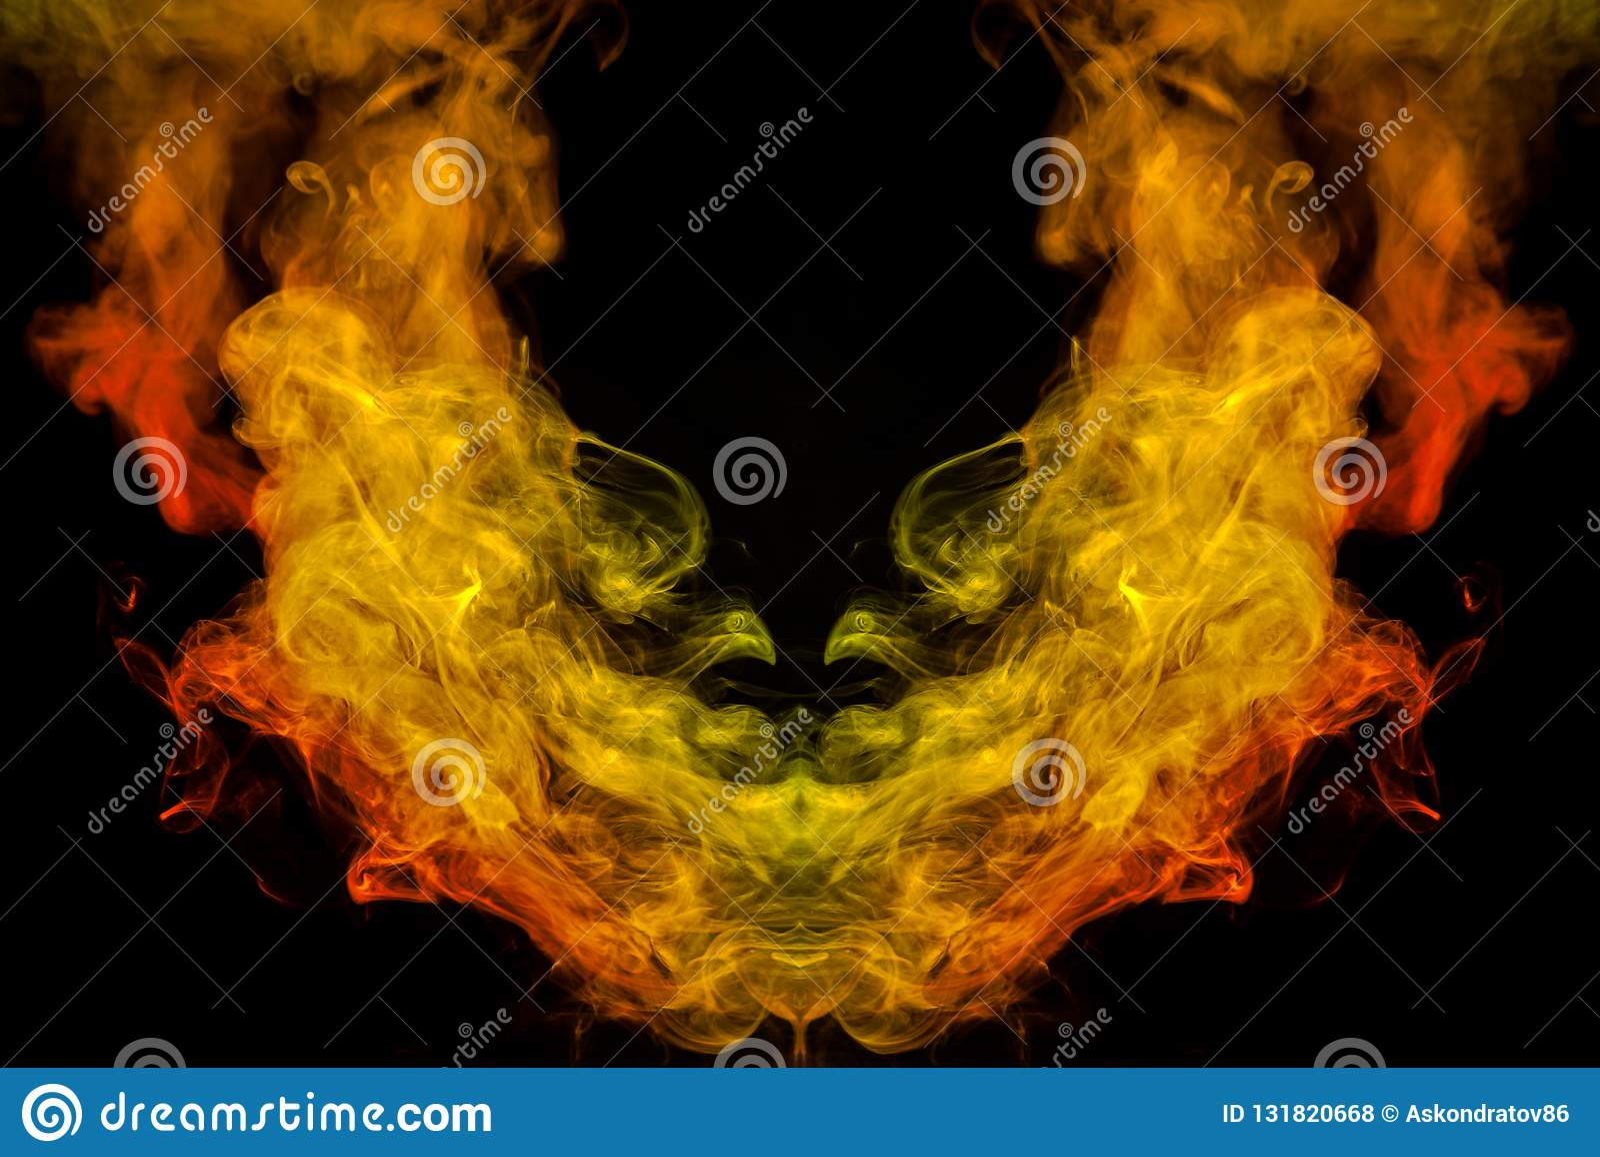 Ein Hintergrund des Orangen-, Gelbem und Rotemgewellten Rauches in der Form O